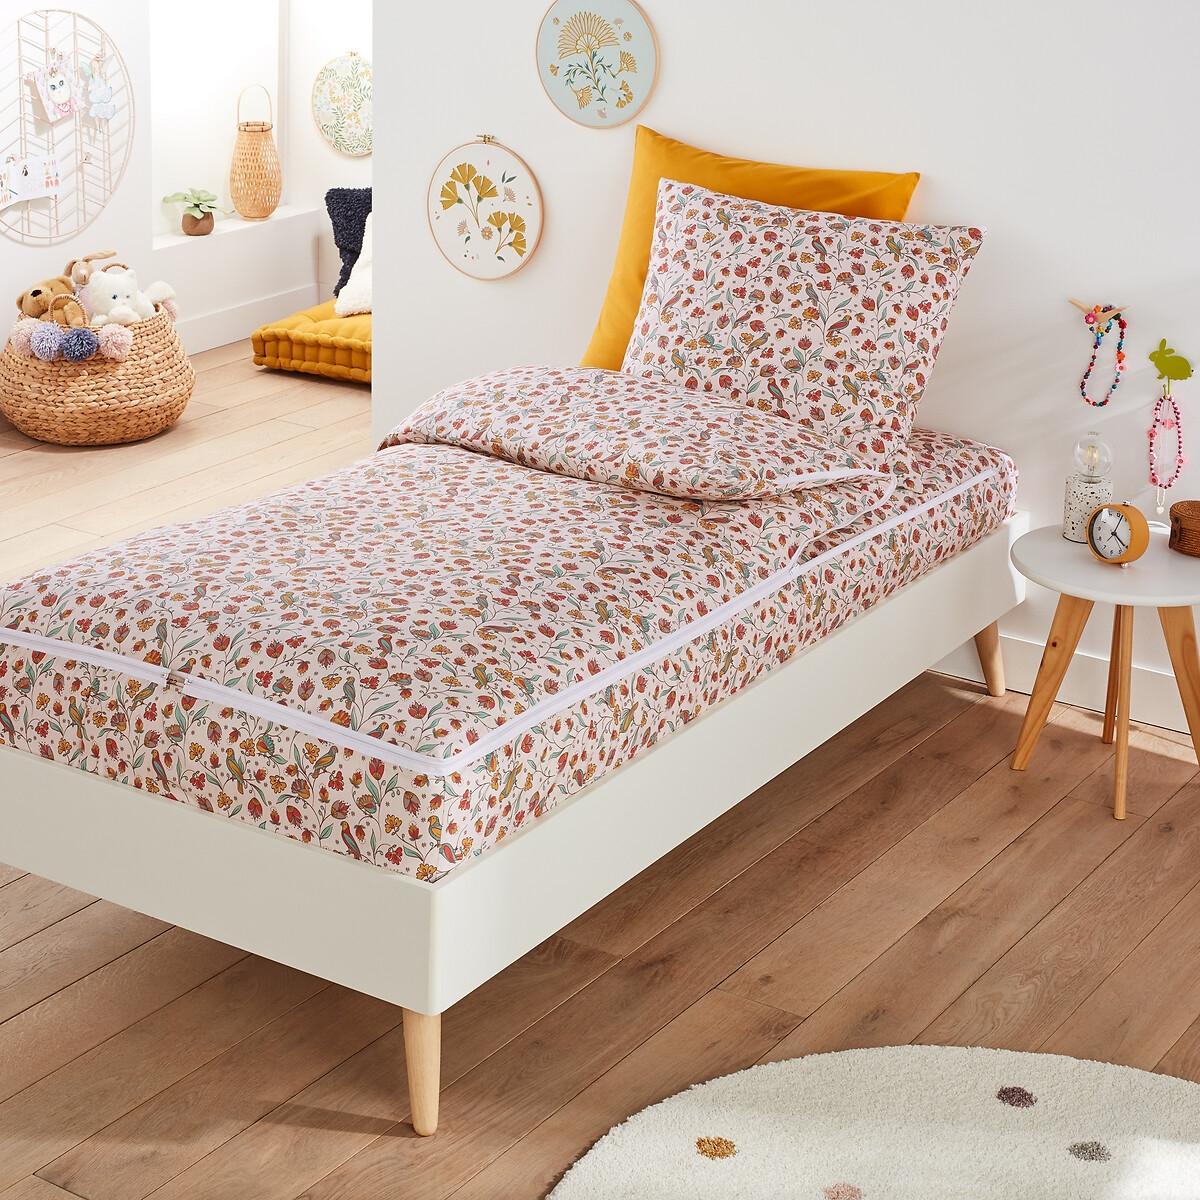 Фото - Постельное LaRedoute Белье с одеялом Bertille 90 x 140 см розовый простыня laredoute натяжная 100 стираный хлопок alhambra 140 x 190 см белый